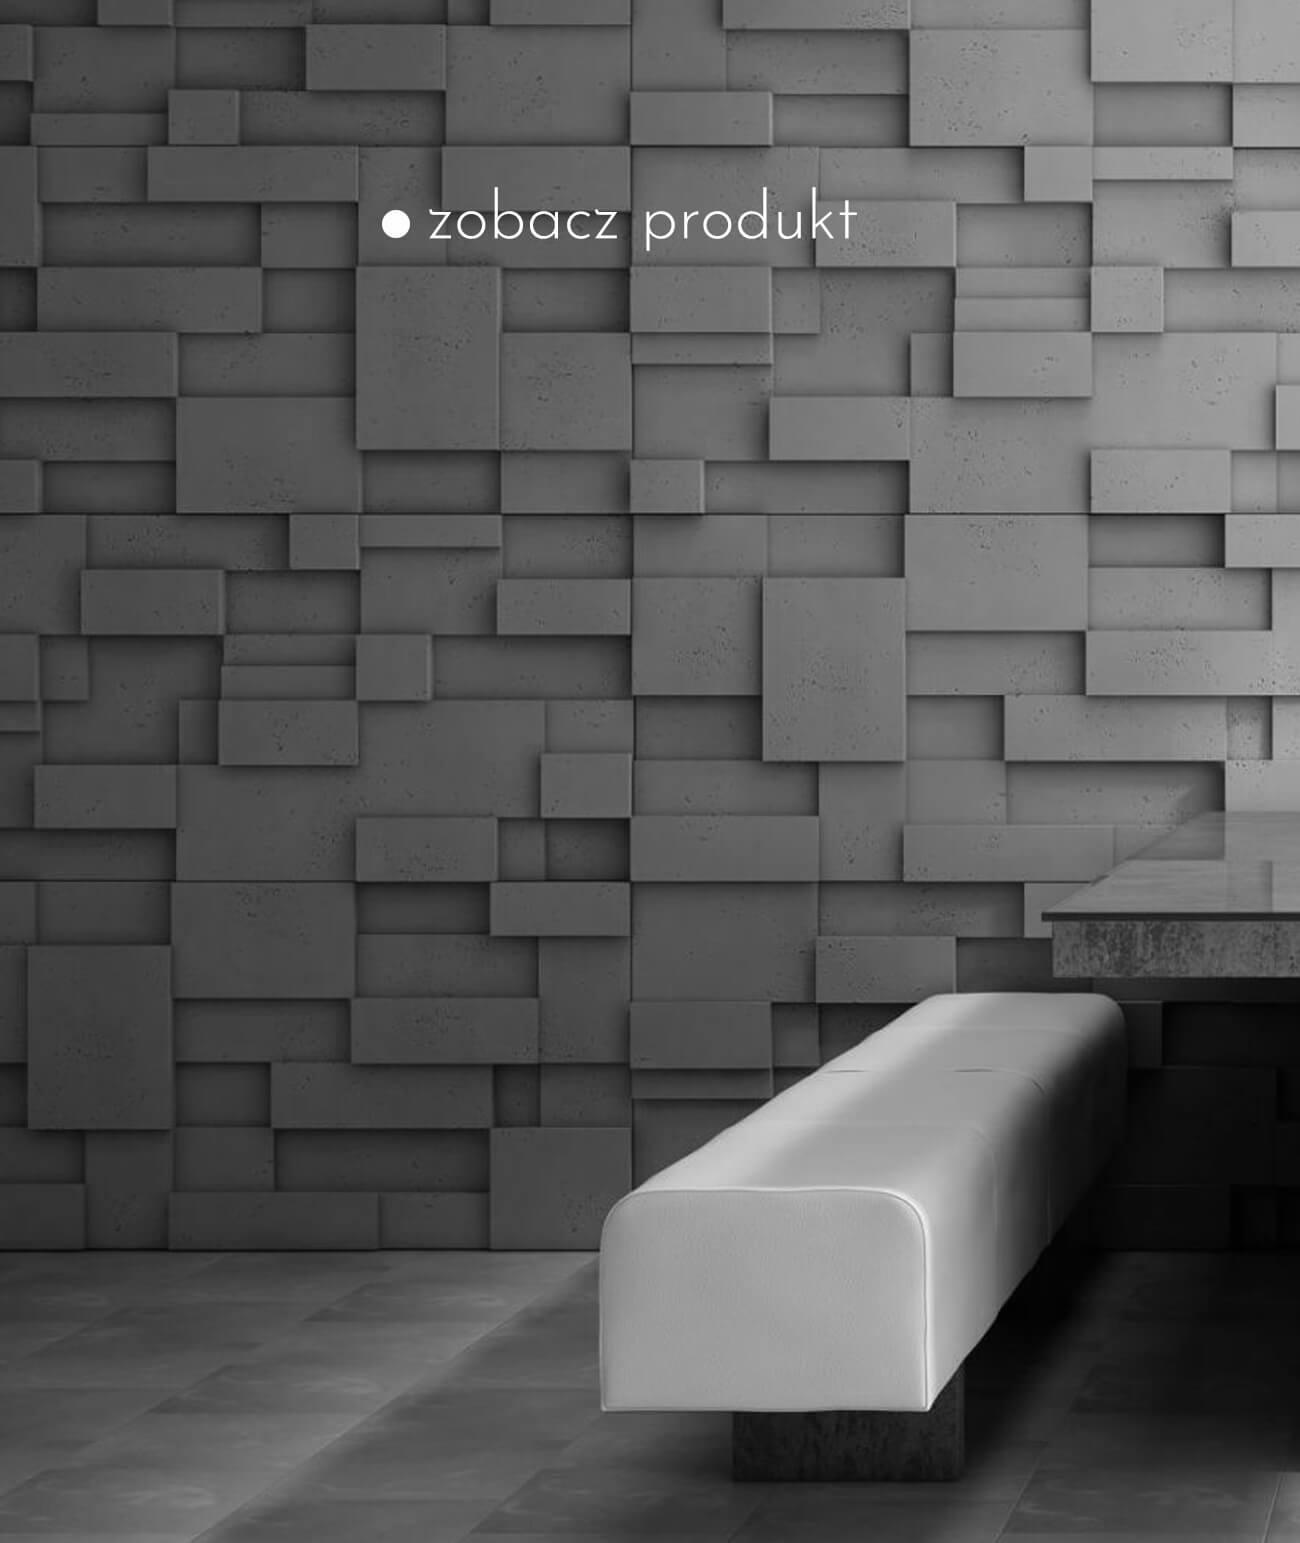 panele-betonowe-3d-scienne-i-elewacyjne-beton-architektoniczny_440-2401-pb11-s51-ciemno-szary-mysi-cub---panel-dekor-3d-beton-architektoniczny-panel-scienny